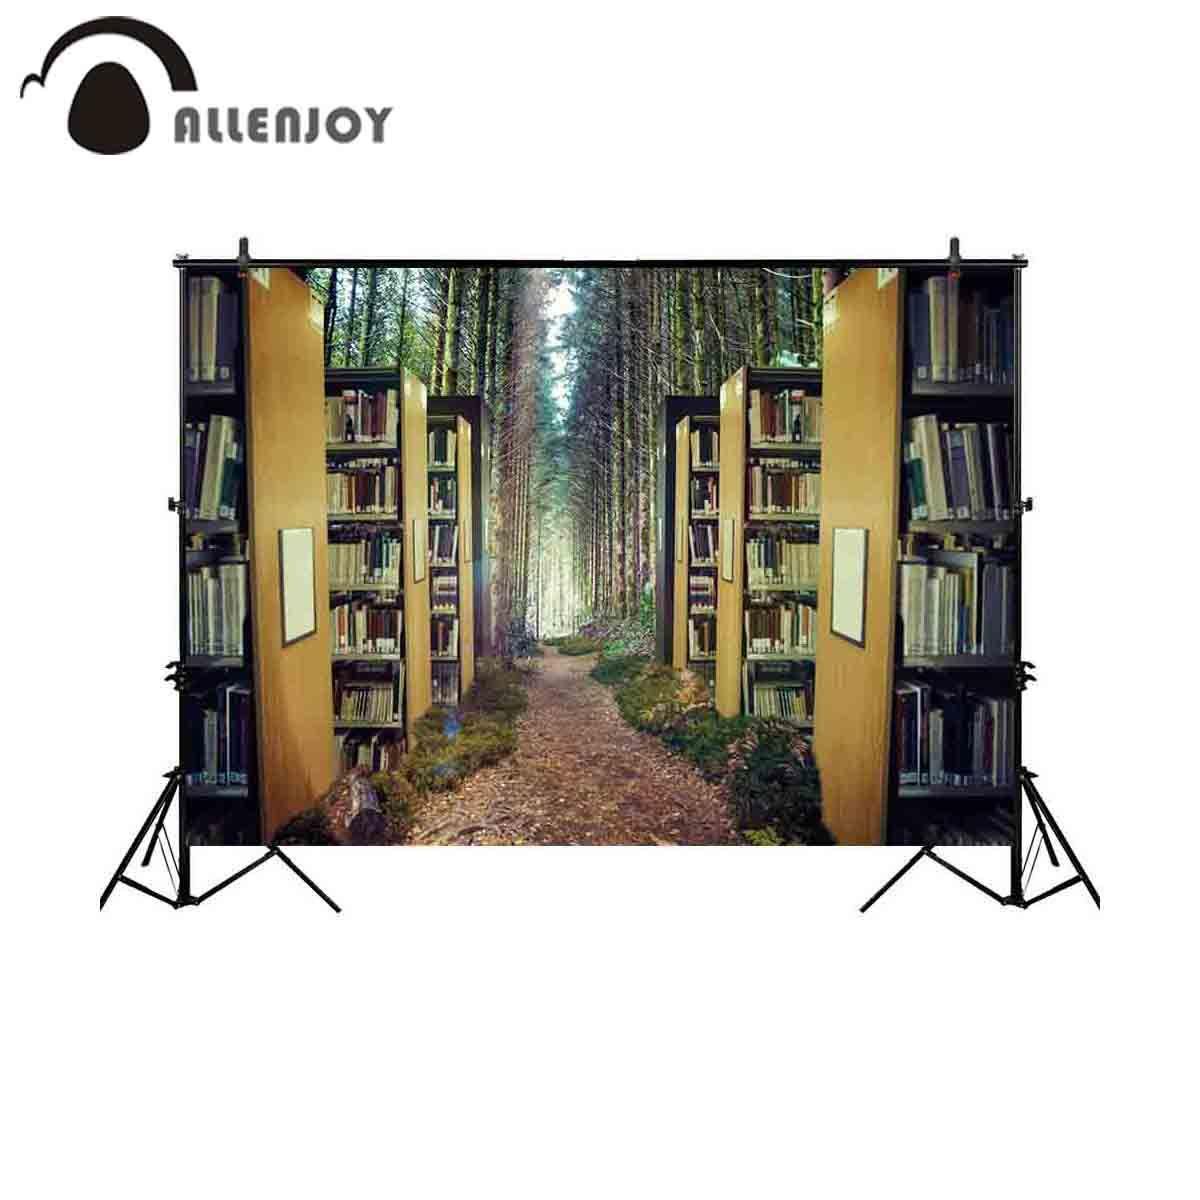 الجملة التصوير خلفية الخيال رف الكتب غابة خرافة خلفية photobooth استوديو صورة المتصل دعامة النسيج